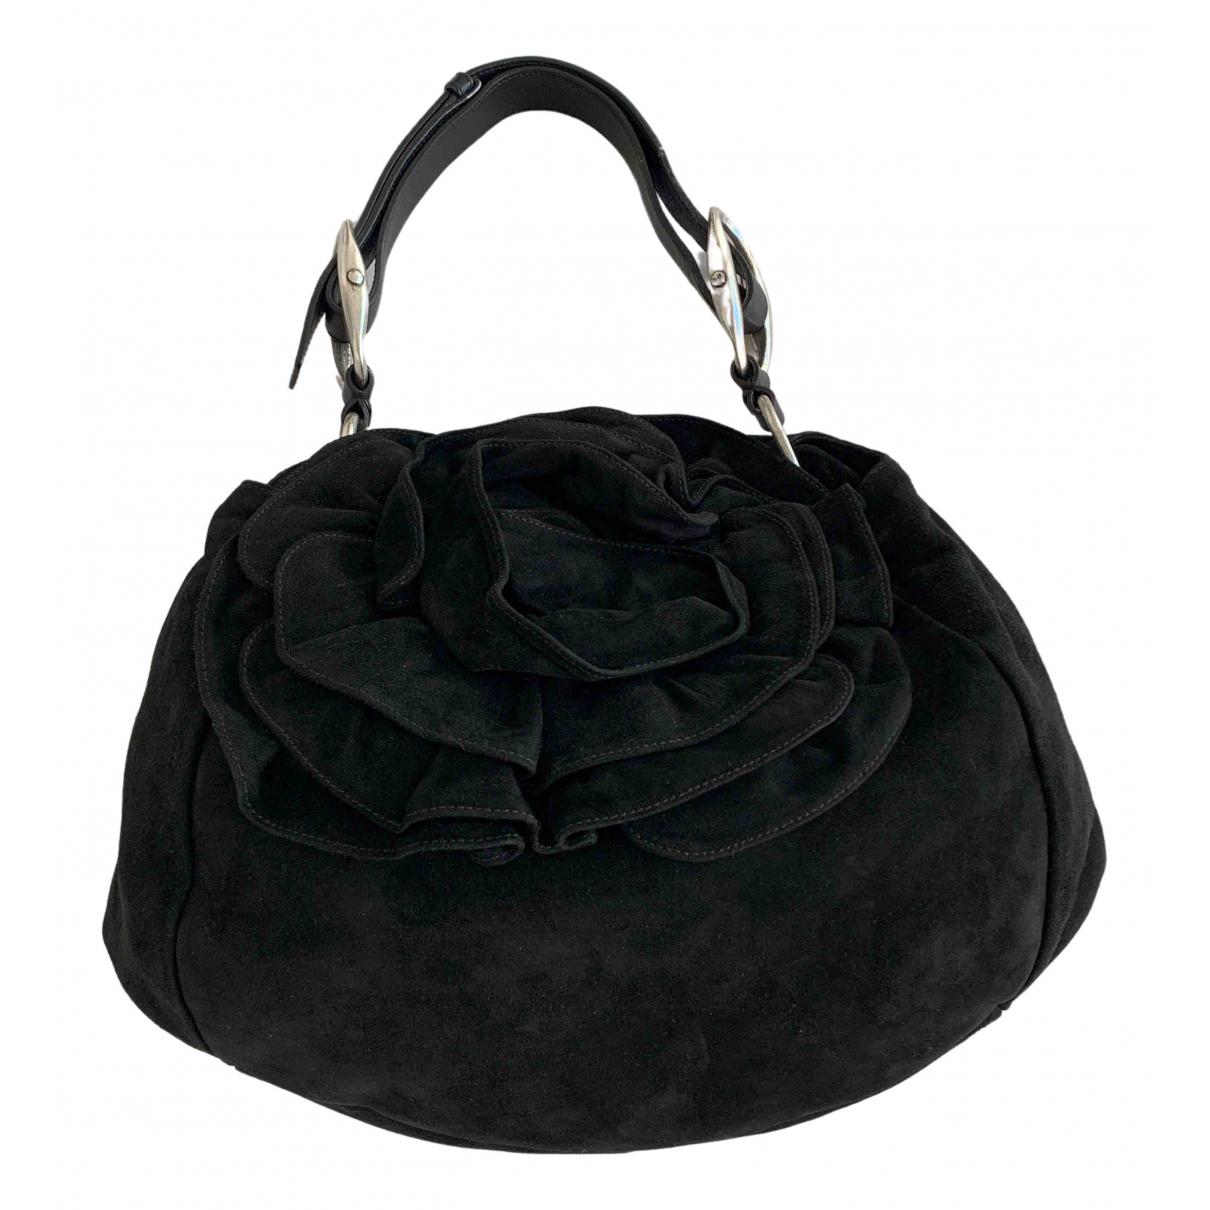 Yves Saint Laurent \N Black Suede handbag for Women \N